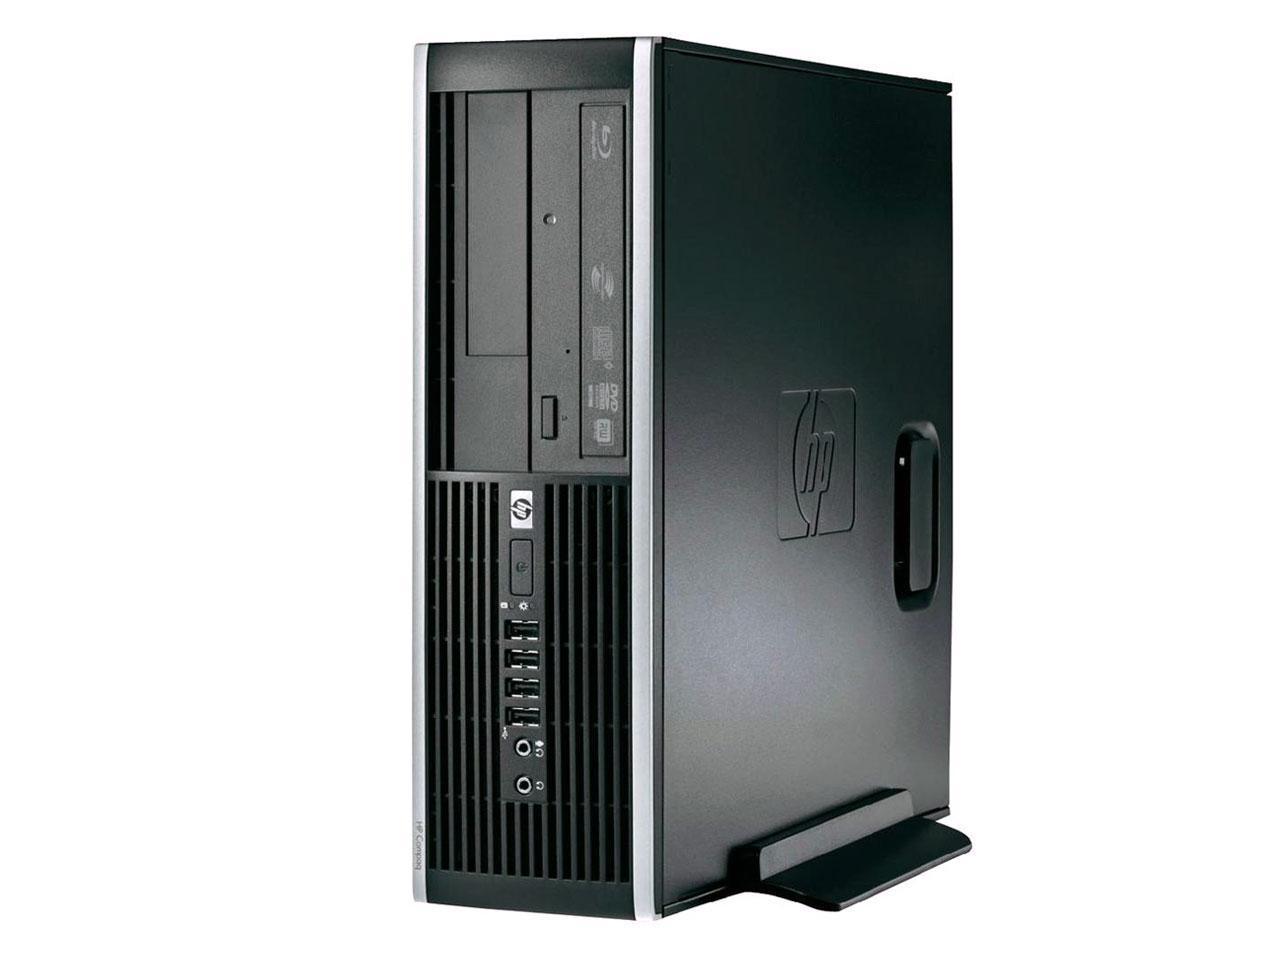 Hewlett Packard PRO 6000 SFF  - shop.bb-net.de